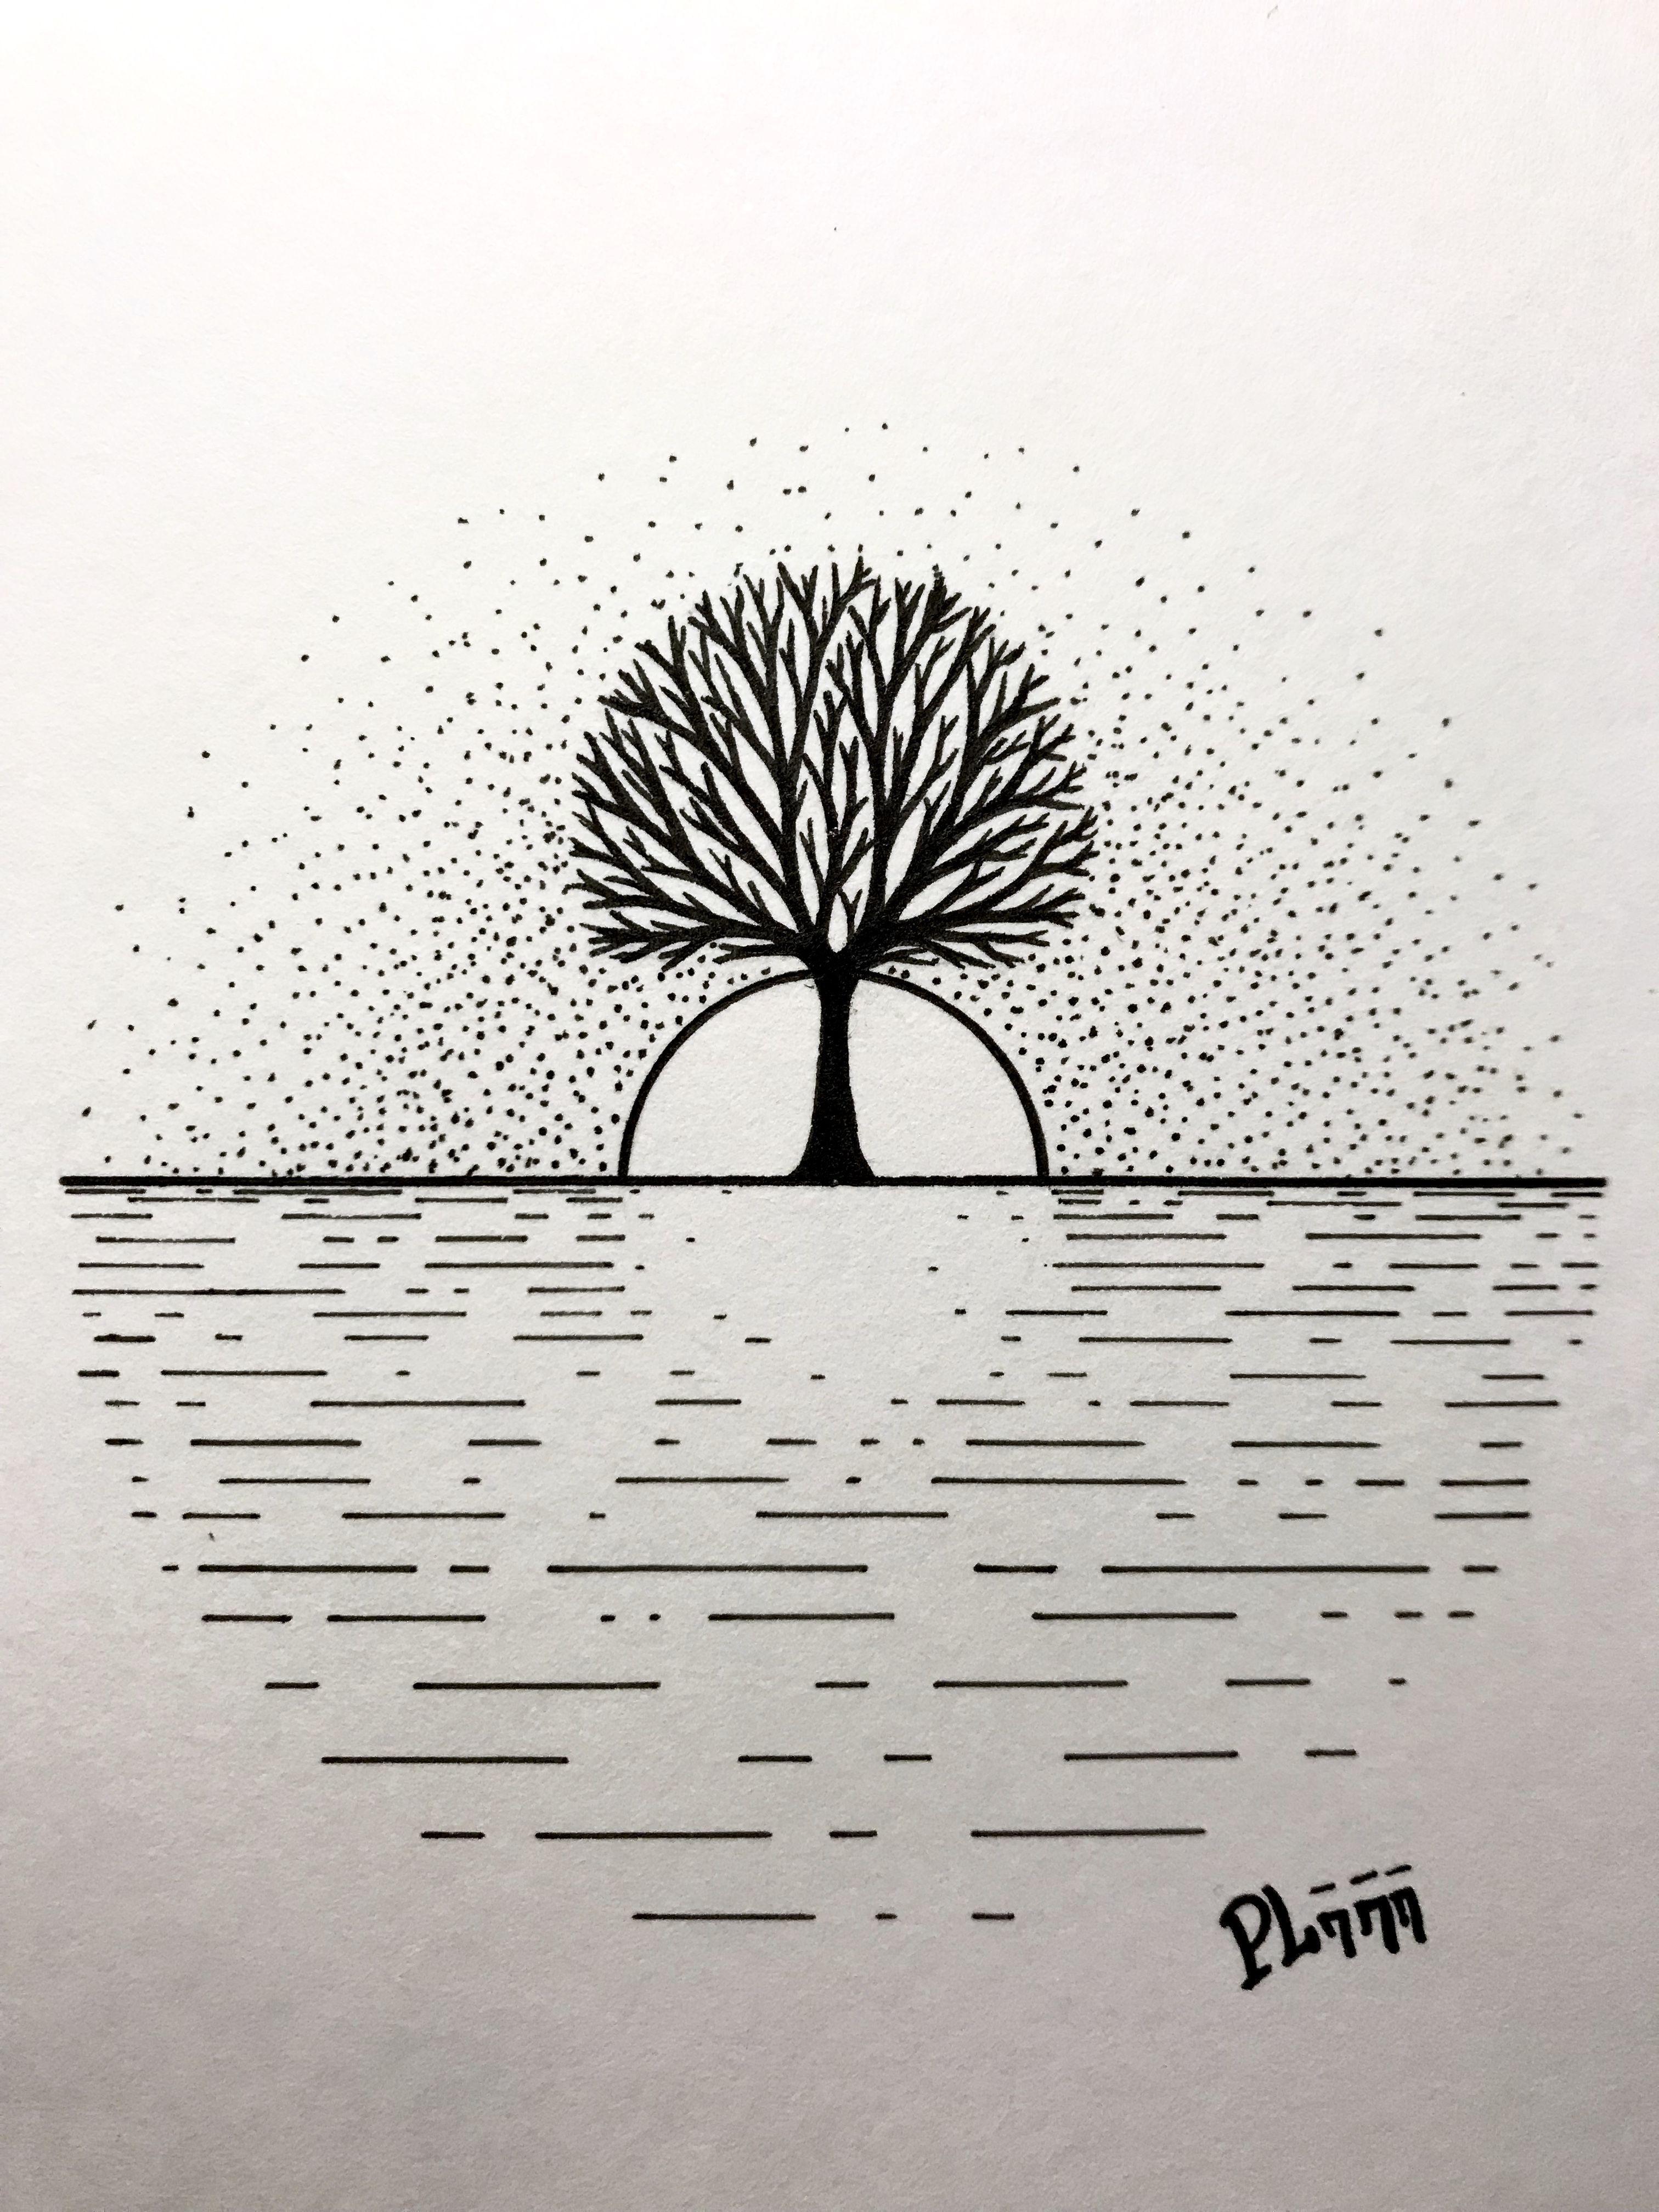 Kunstzeichnungen Artdrawingssketches Artdrawingssimple Coole Zeichnungen Schone Bilder Zeichnen Zeichnungen